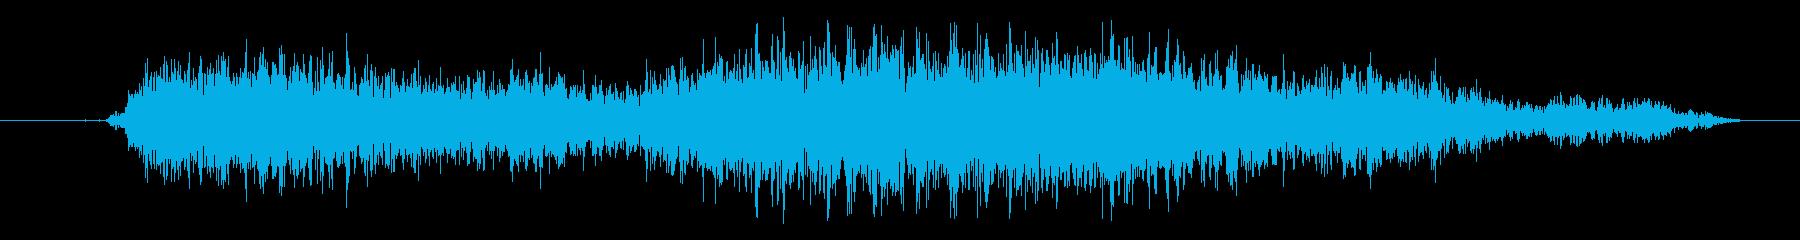 大きなクリーチャー:シューといううなるの再生済みの波形